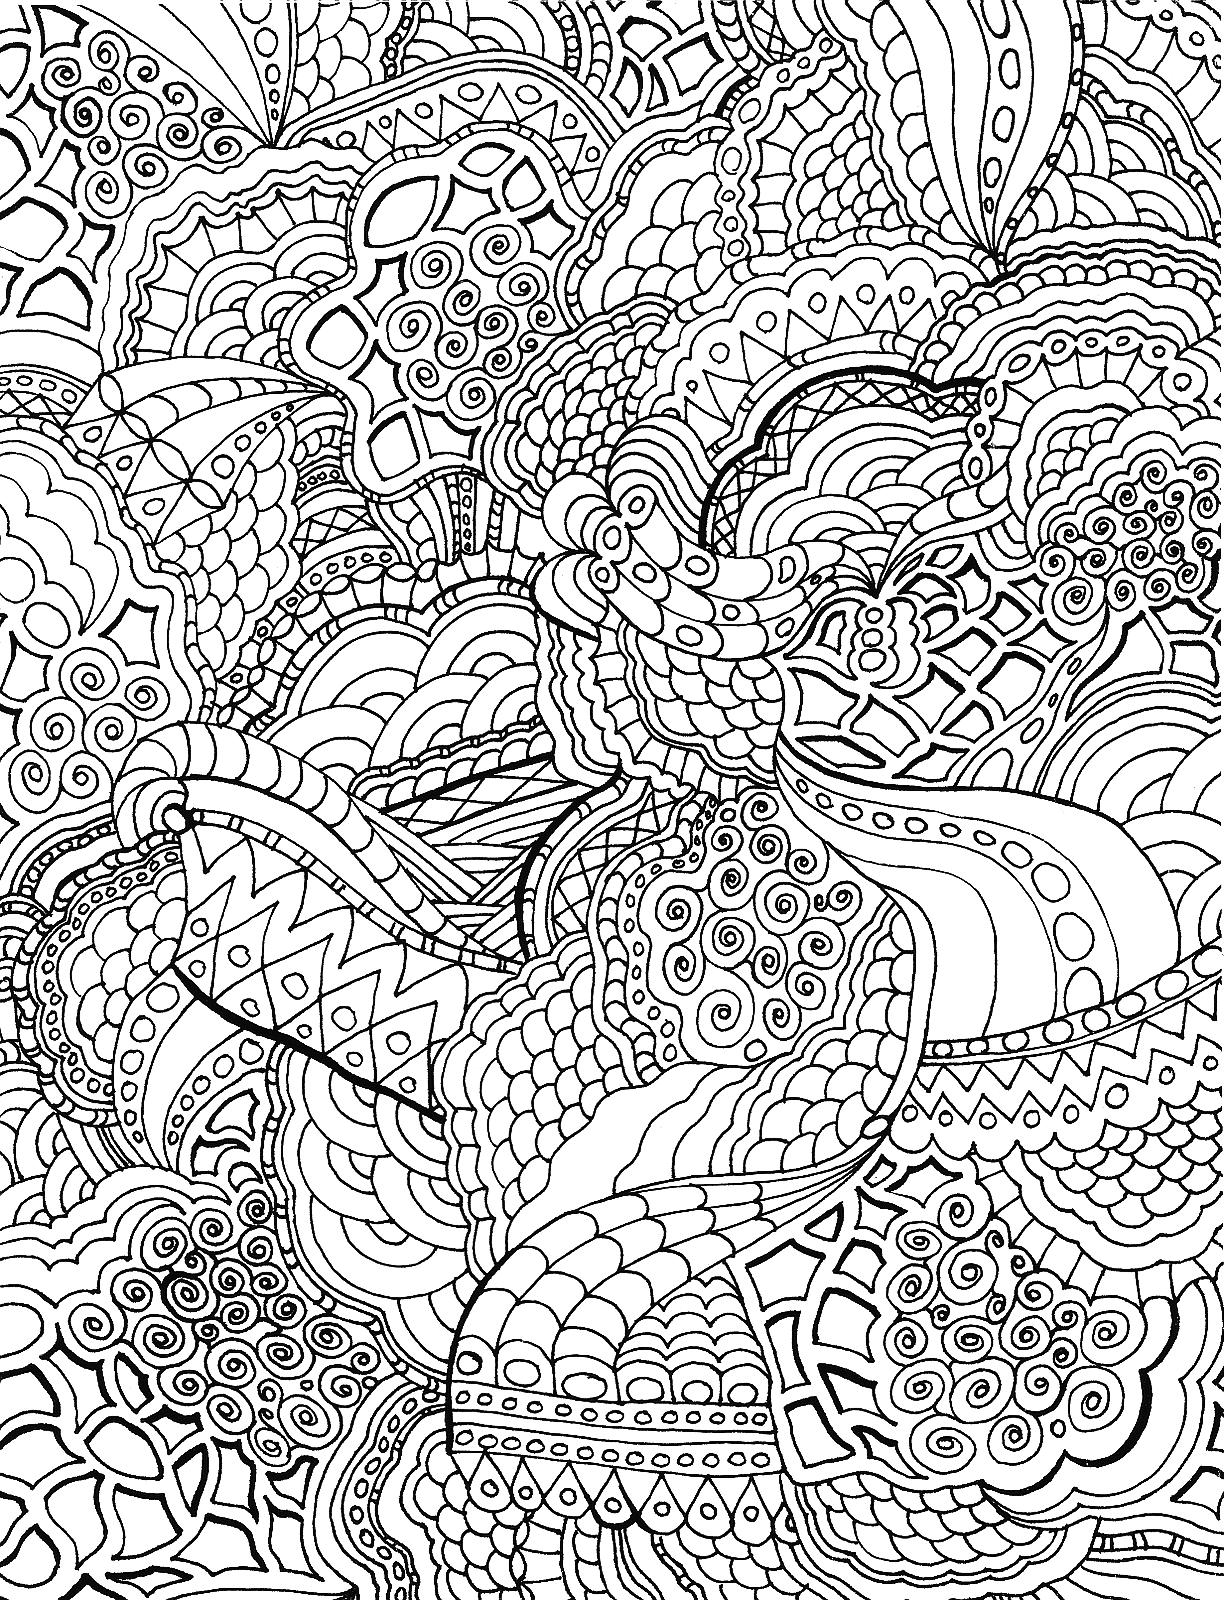 Раскраски для детей драконы